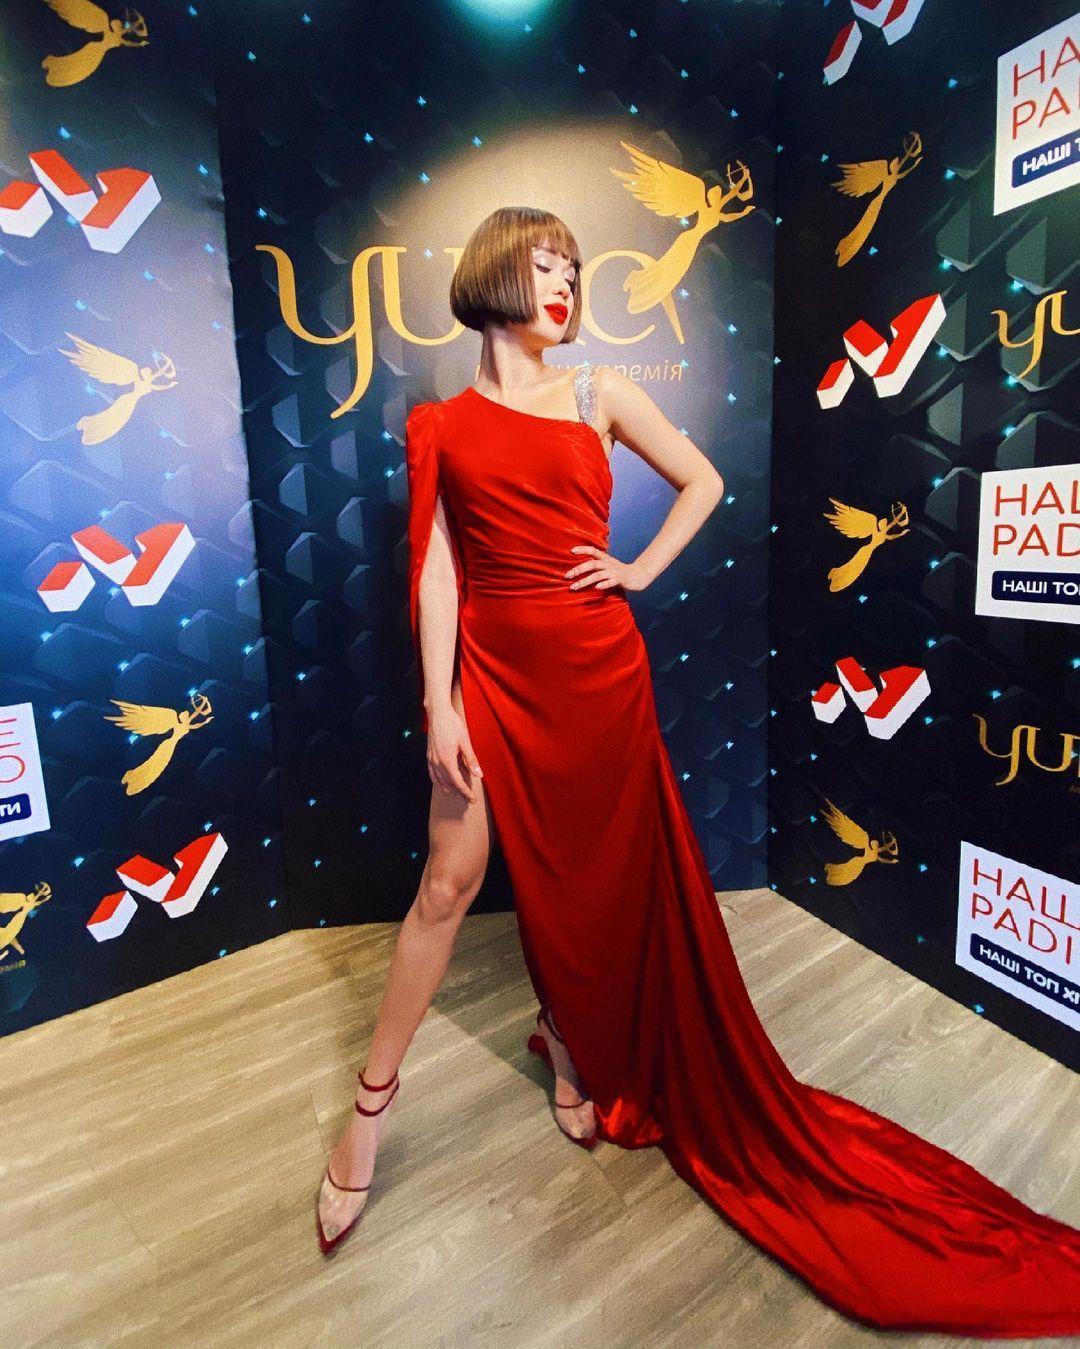 Певица позировала в красном платье / instagram.com/lidalee_official